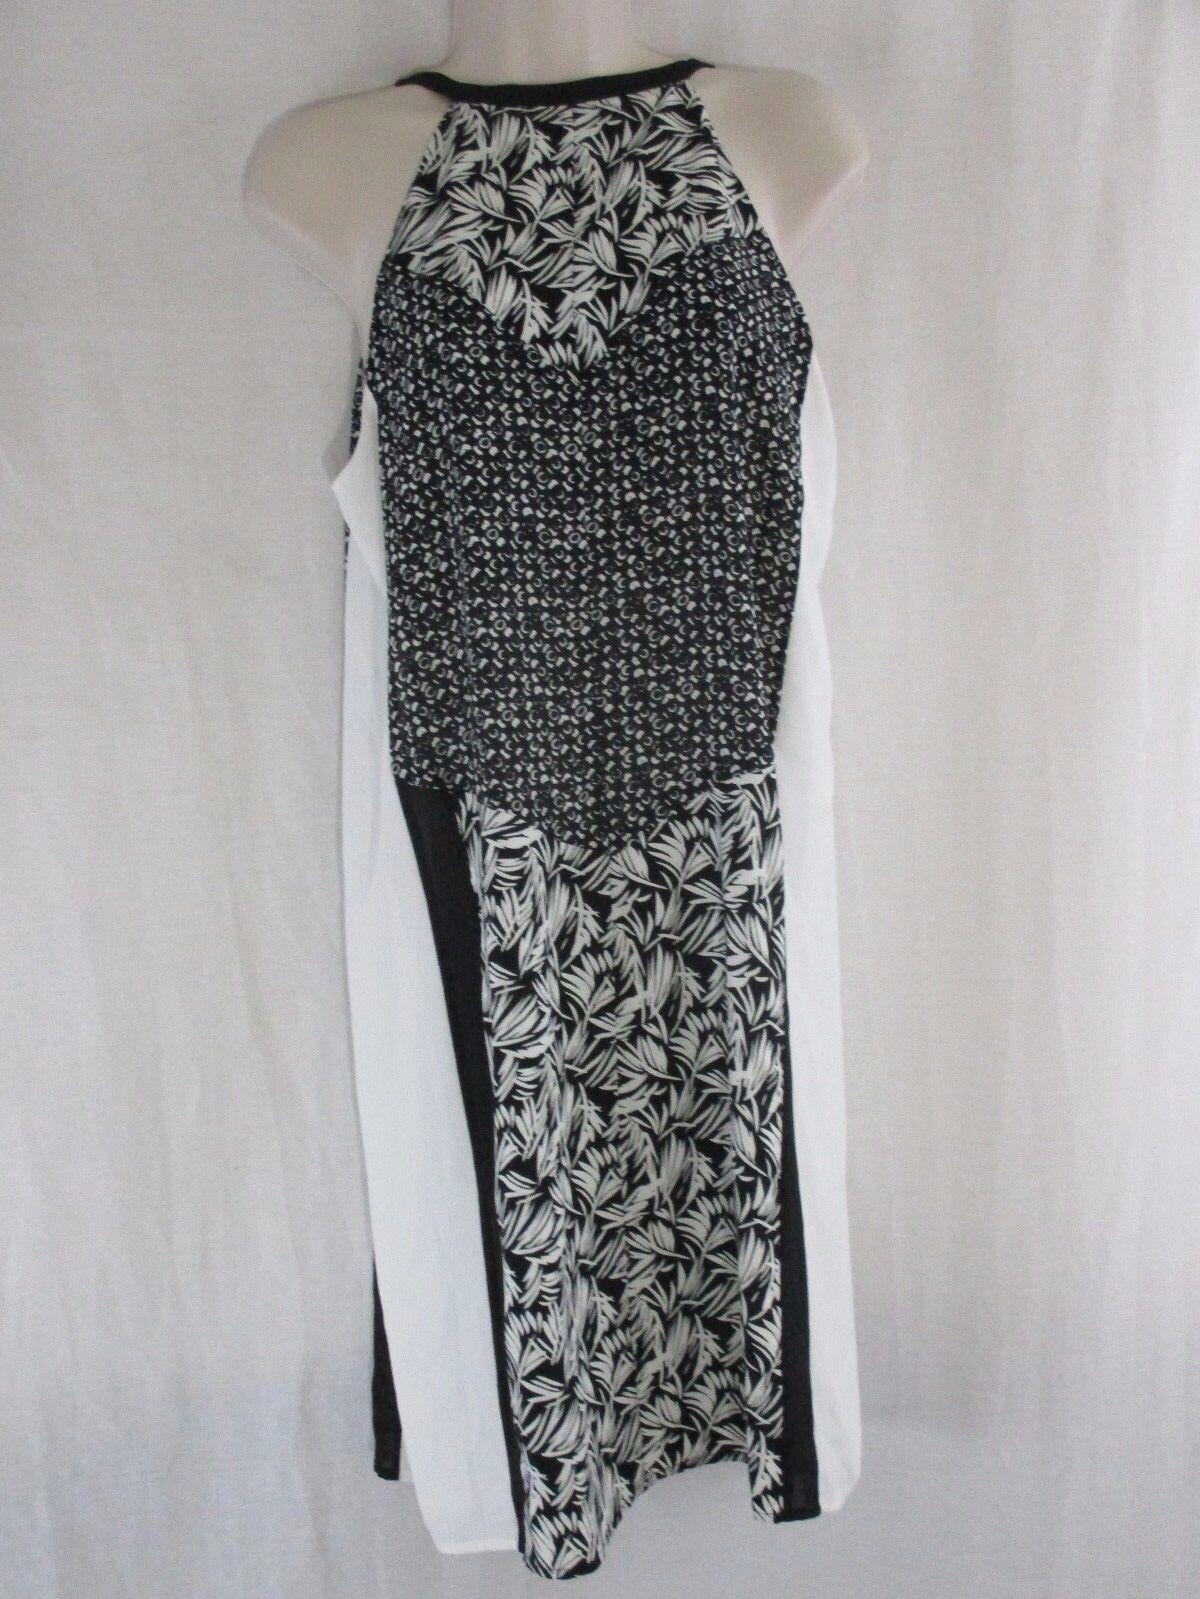 Chaus Woherren Tribal Mix Graphic Flash Halter  Dress, Medium, Weiß schwarz    b7